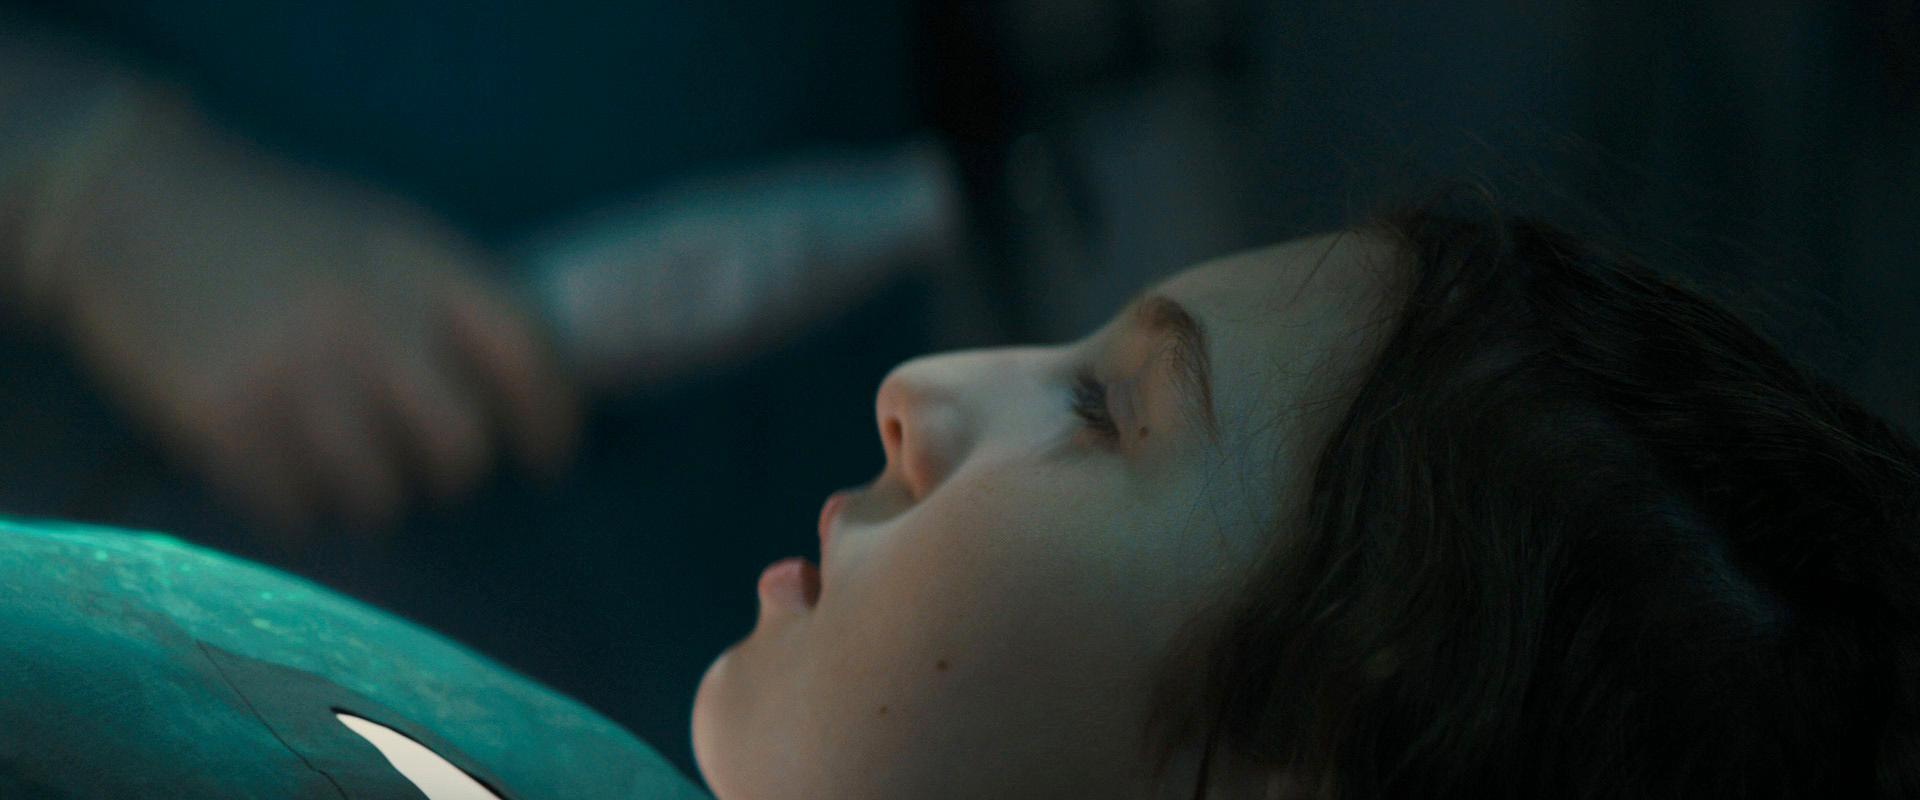 Nefesini Tut 2 | Don't Breathe 2 | 2021 | WEB-DL | XviD | Türkçe Altyazılı | 4K - 720p - 1080p - m720p - m1080p | WEB-DL | Tek Link